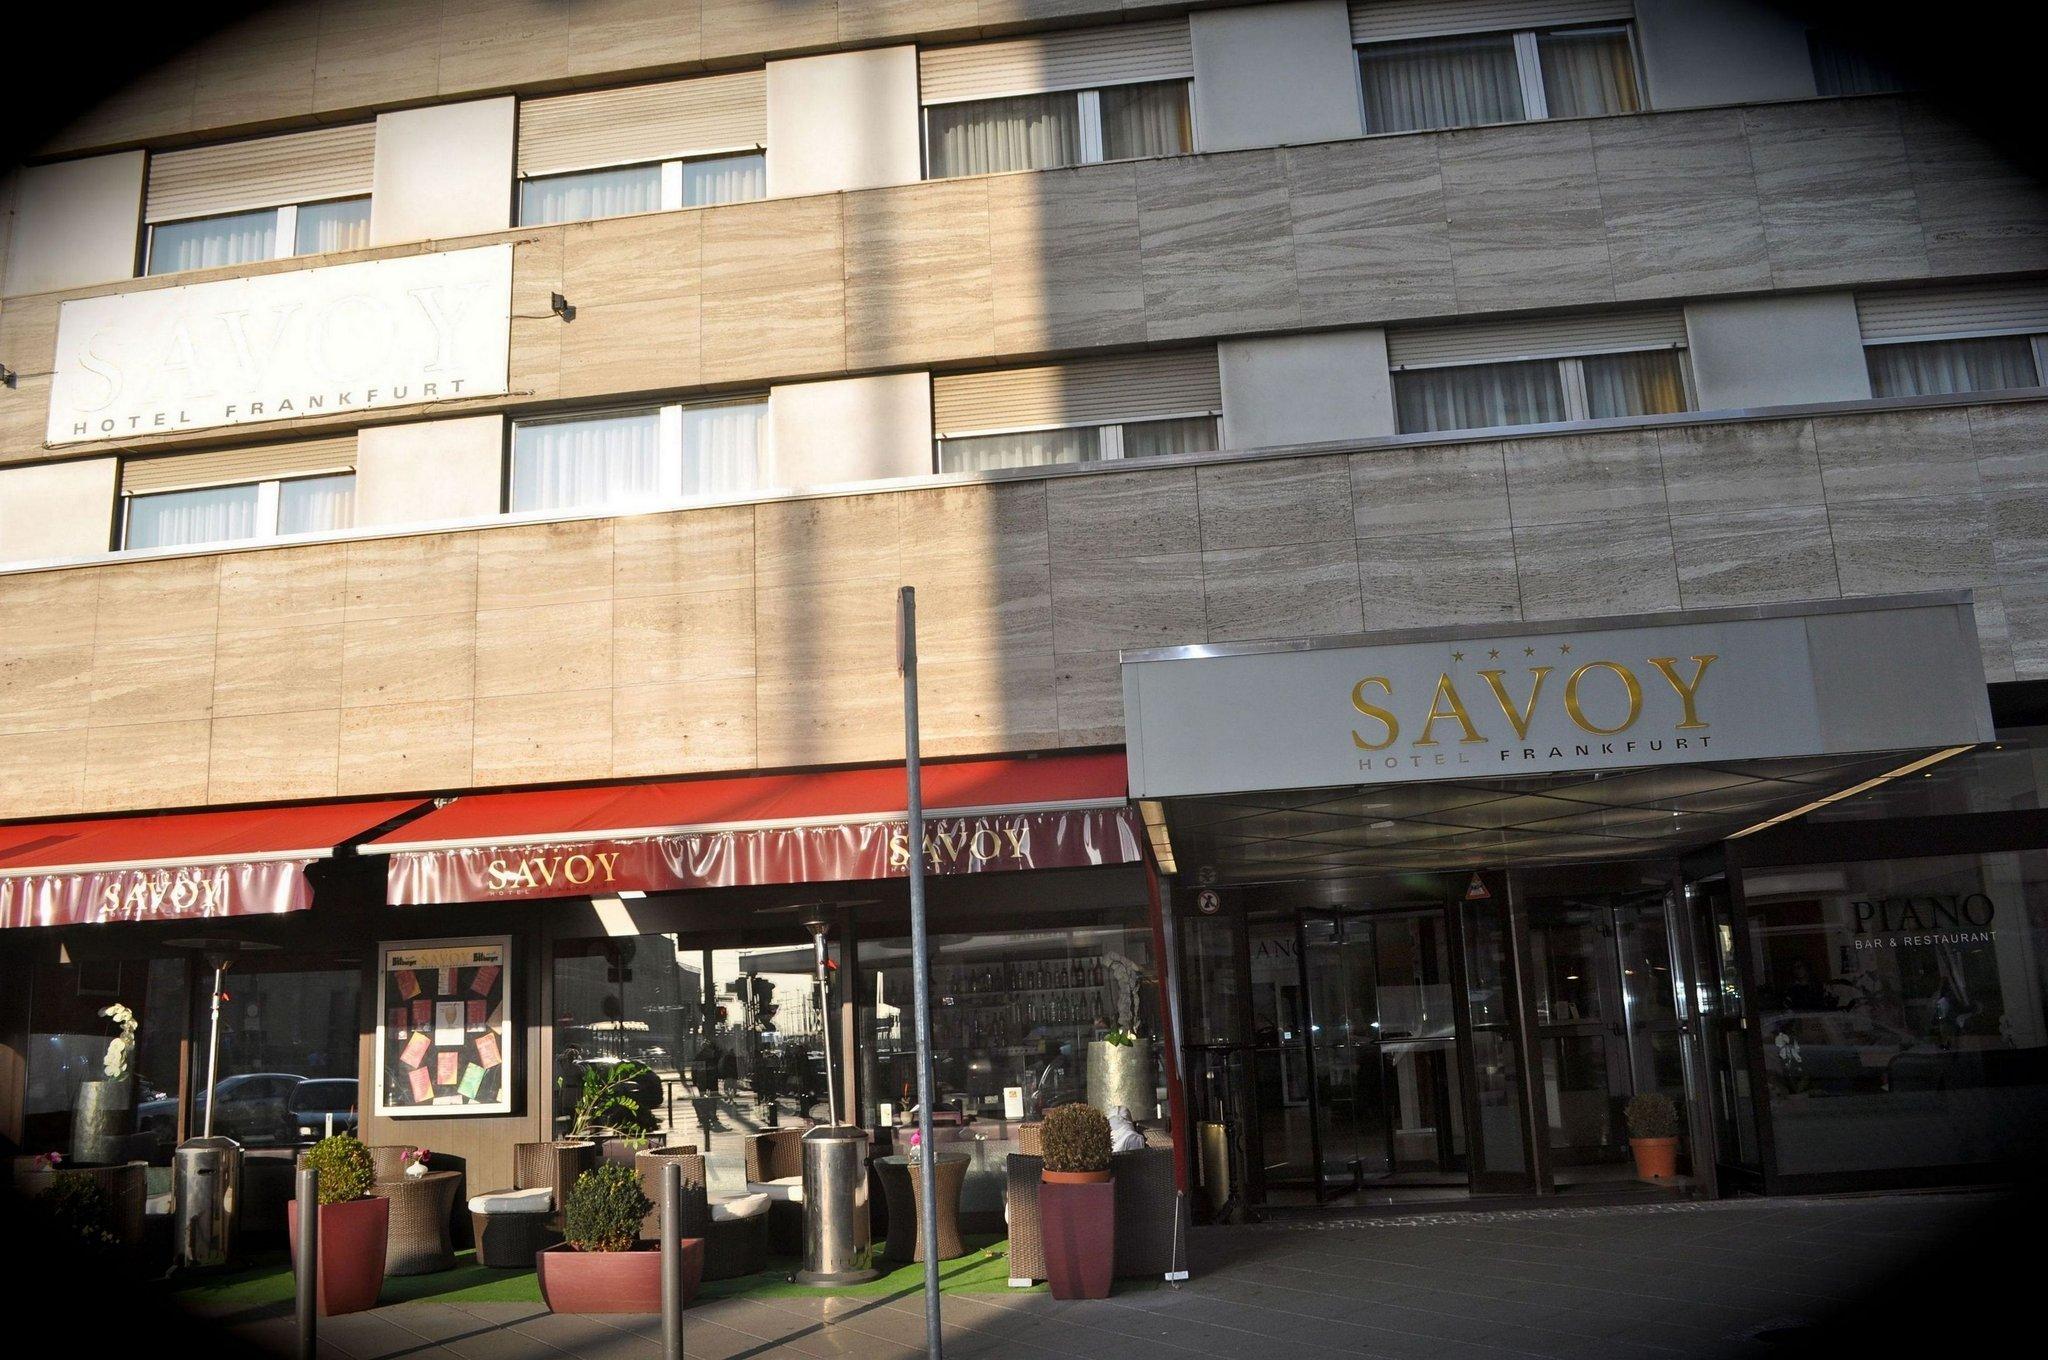 サヴォイ ホテル フランクフルト